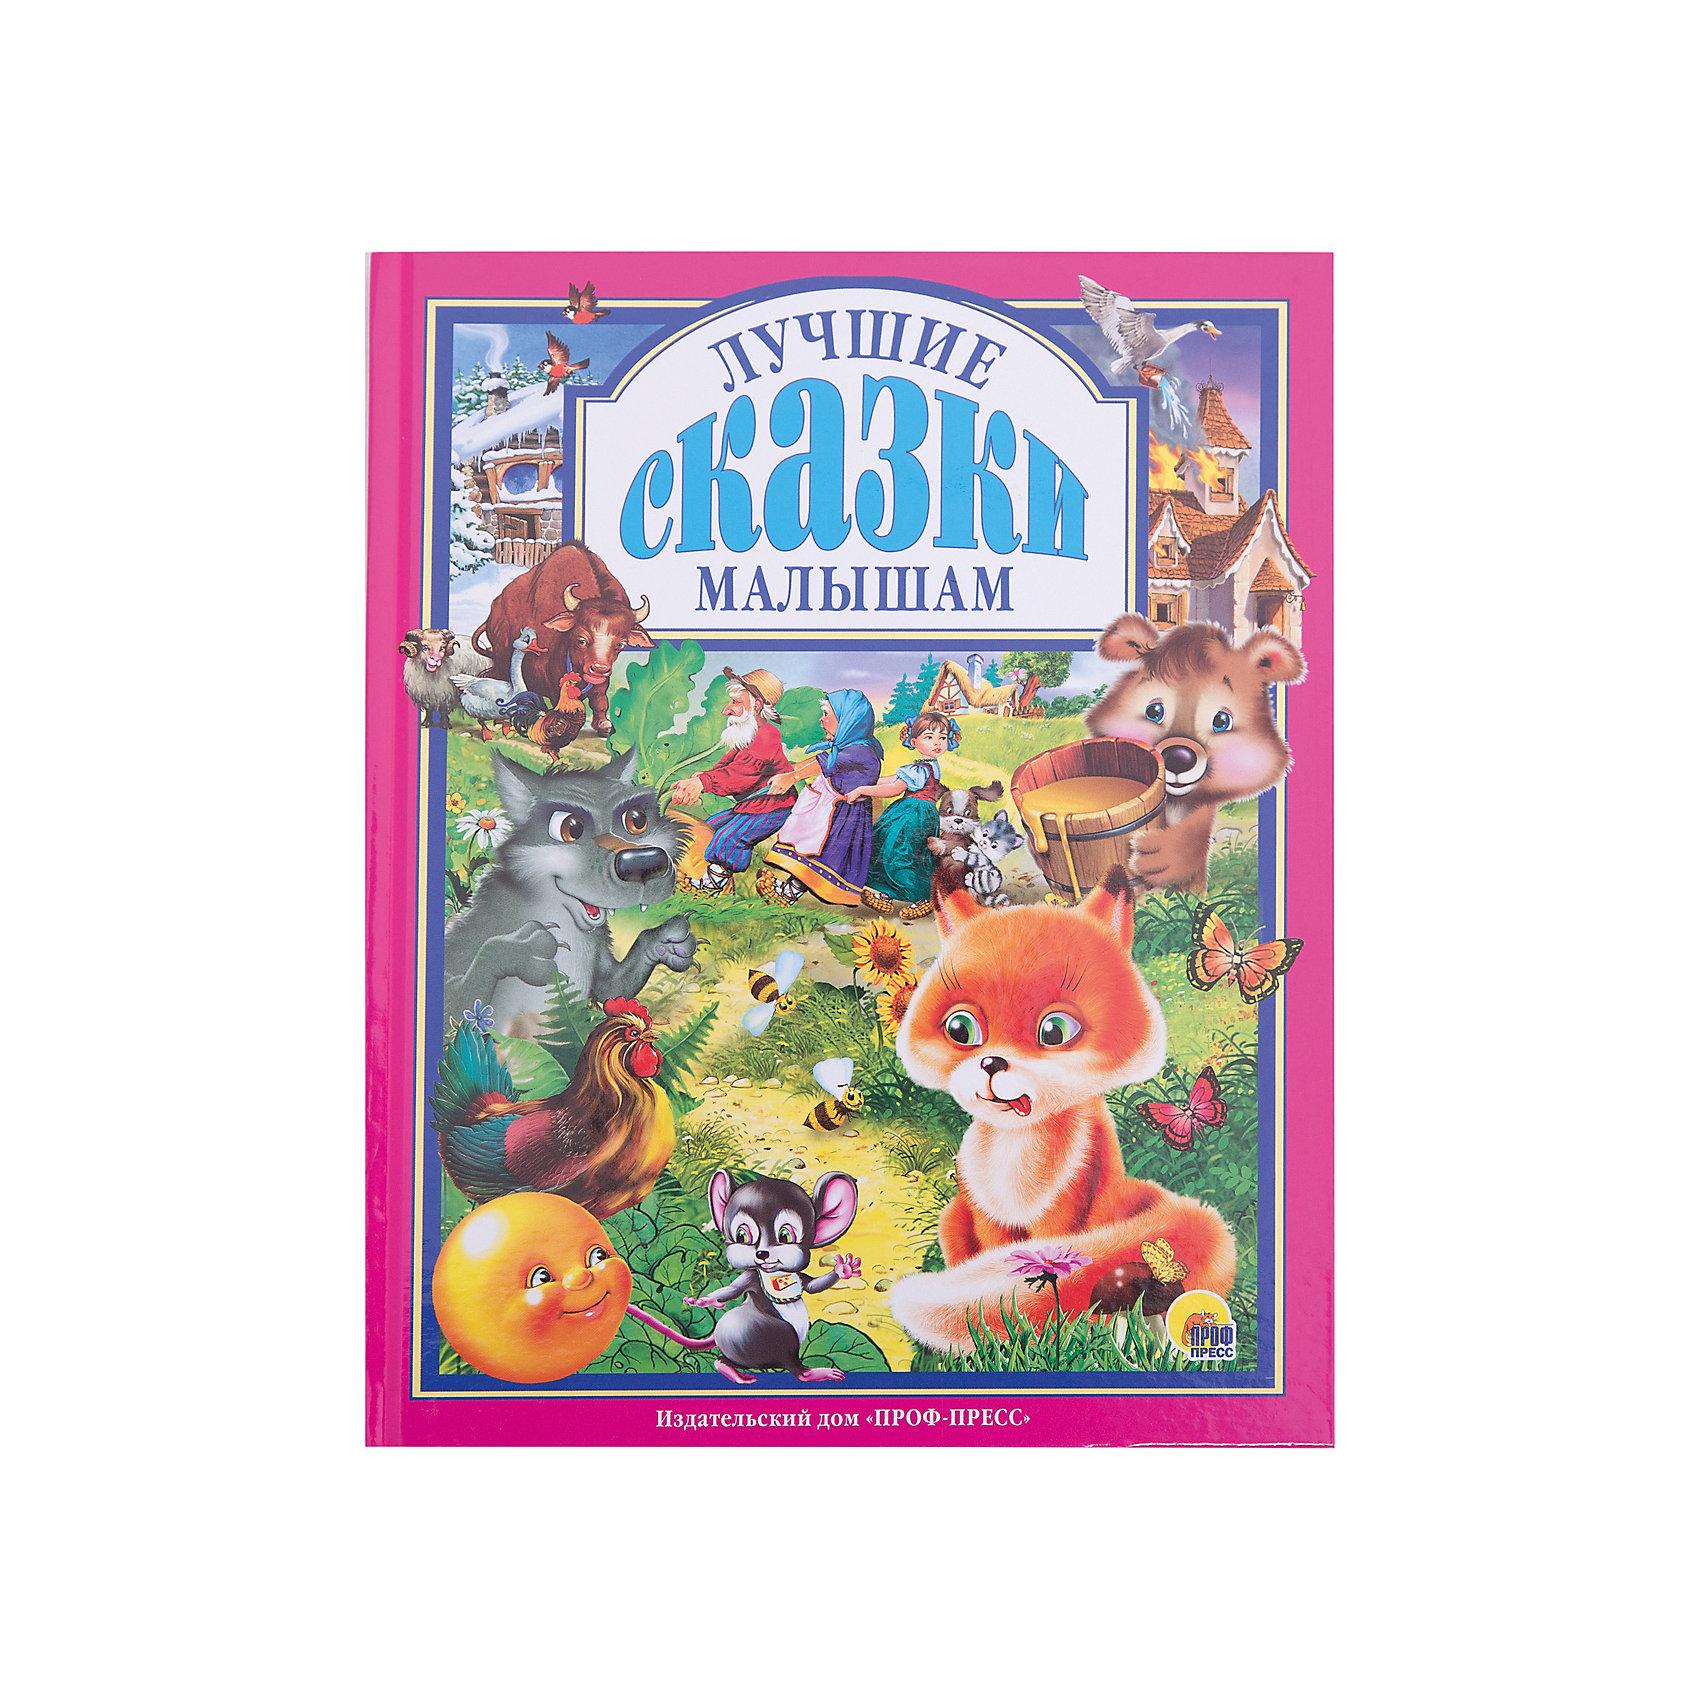 Лучшие сказки малышамРусские сказки<br>Данная серия собрала сказки, проверенные многими поколениями, которые понравятся и современным детям. Книги - это лучший подарок не только взрослым, они помогают детям познавать мир и учиться читать, также книги позволяют ребенку весело проводить время. Они также стимулируют развитие воображения, логики и творческого мышления.<br>Это издание очень красиво оформлено, в него вошли самые интересные сказки. Яркие картинки обязательно понравятся малышам! Книга сделана из качественных и безопасных для детей материалов. Содержание: «Репка», «Колобок», «Заюшкина избушка», «Курочка Ряба», «Машенька и медведь», «Три поросенка», «Зимовье зверей» и другие. <br>  <br>Дополнительная информация:<br><br>размер: 200х265 мм;<br>вес: 441 г.<br><br>Книгу Лучшие сказки малышам от издательства Проф-Пресс можно купить в нашем магазине.<br><br>Ширина мм: 200<br>Глубина мм: 13<br>Высота мм: 265<br>Вес г: 441<br>Возраст от месяцев: 0<br>Возраст до месяцев: 60<br>Пол: Унисекс<br>Возраст: Детский<br>SKU: 4787325